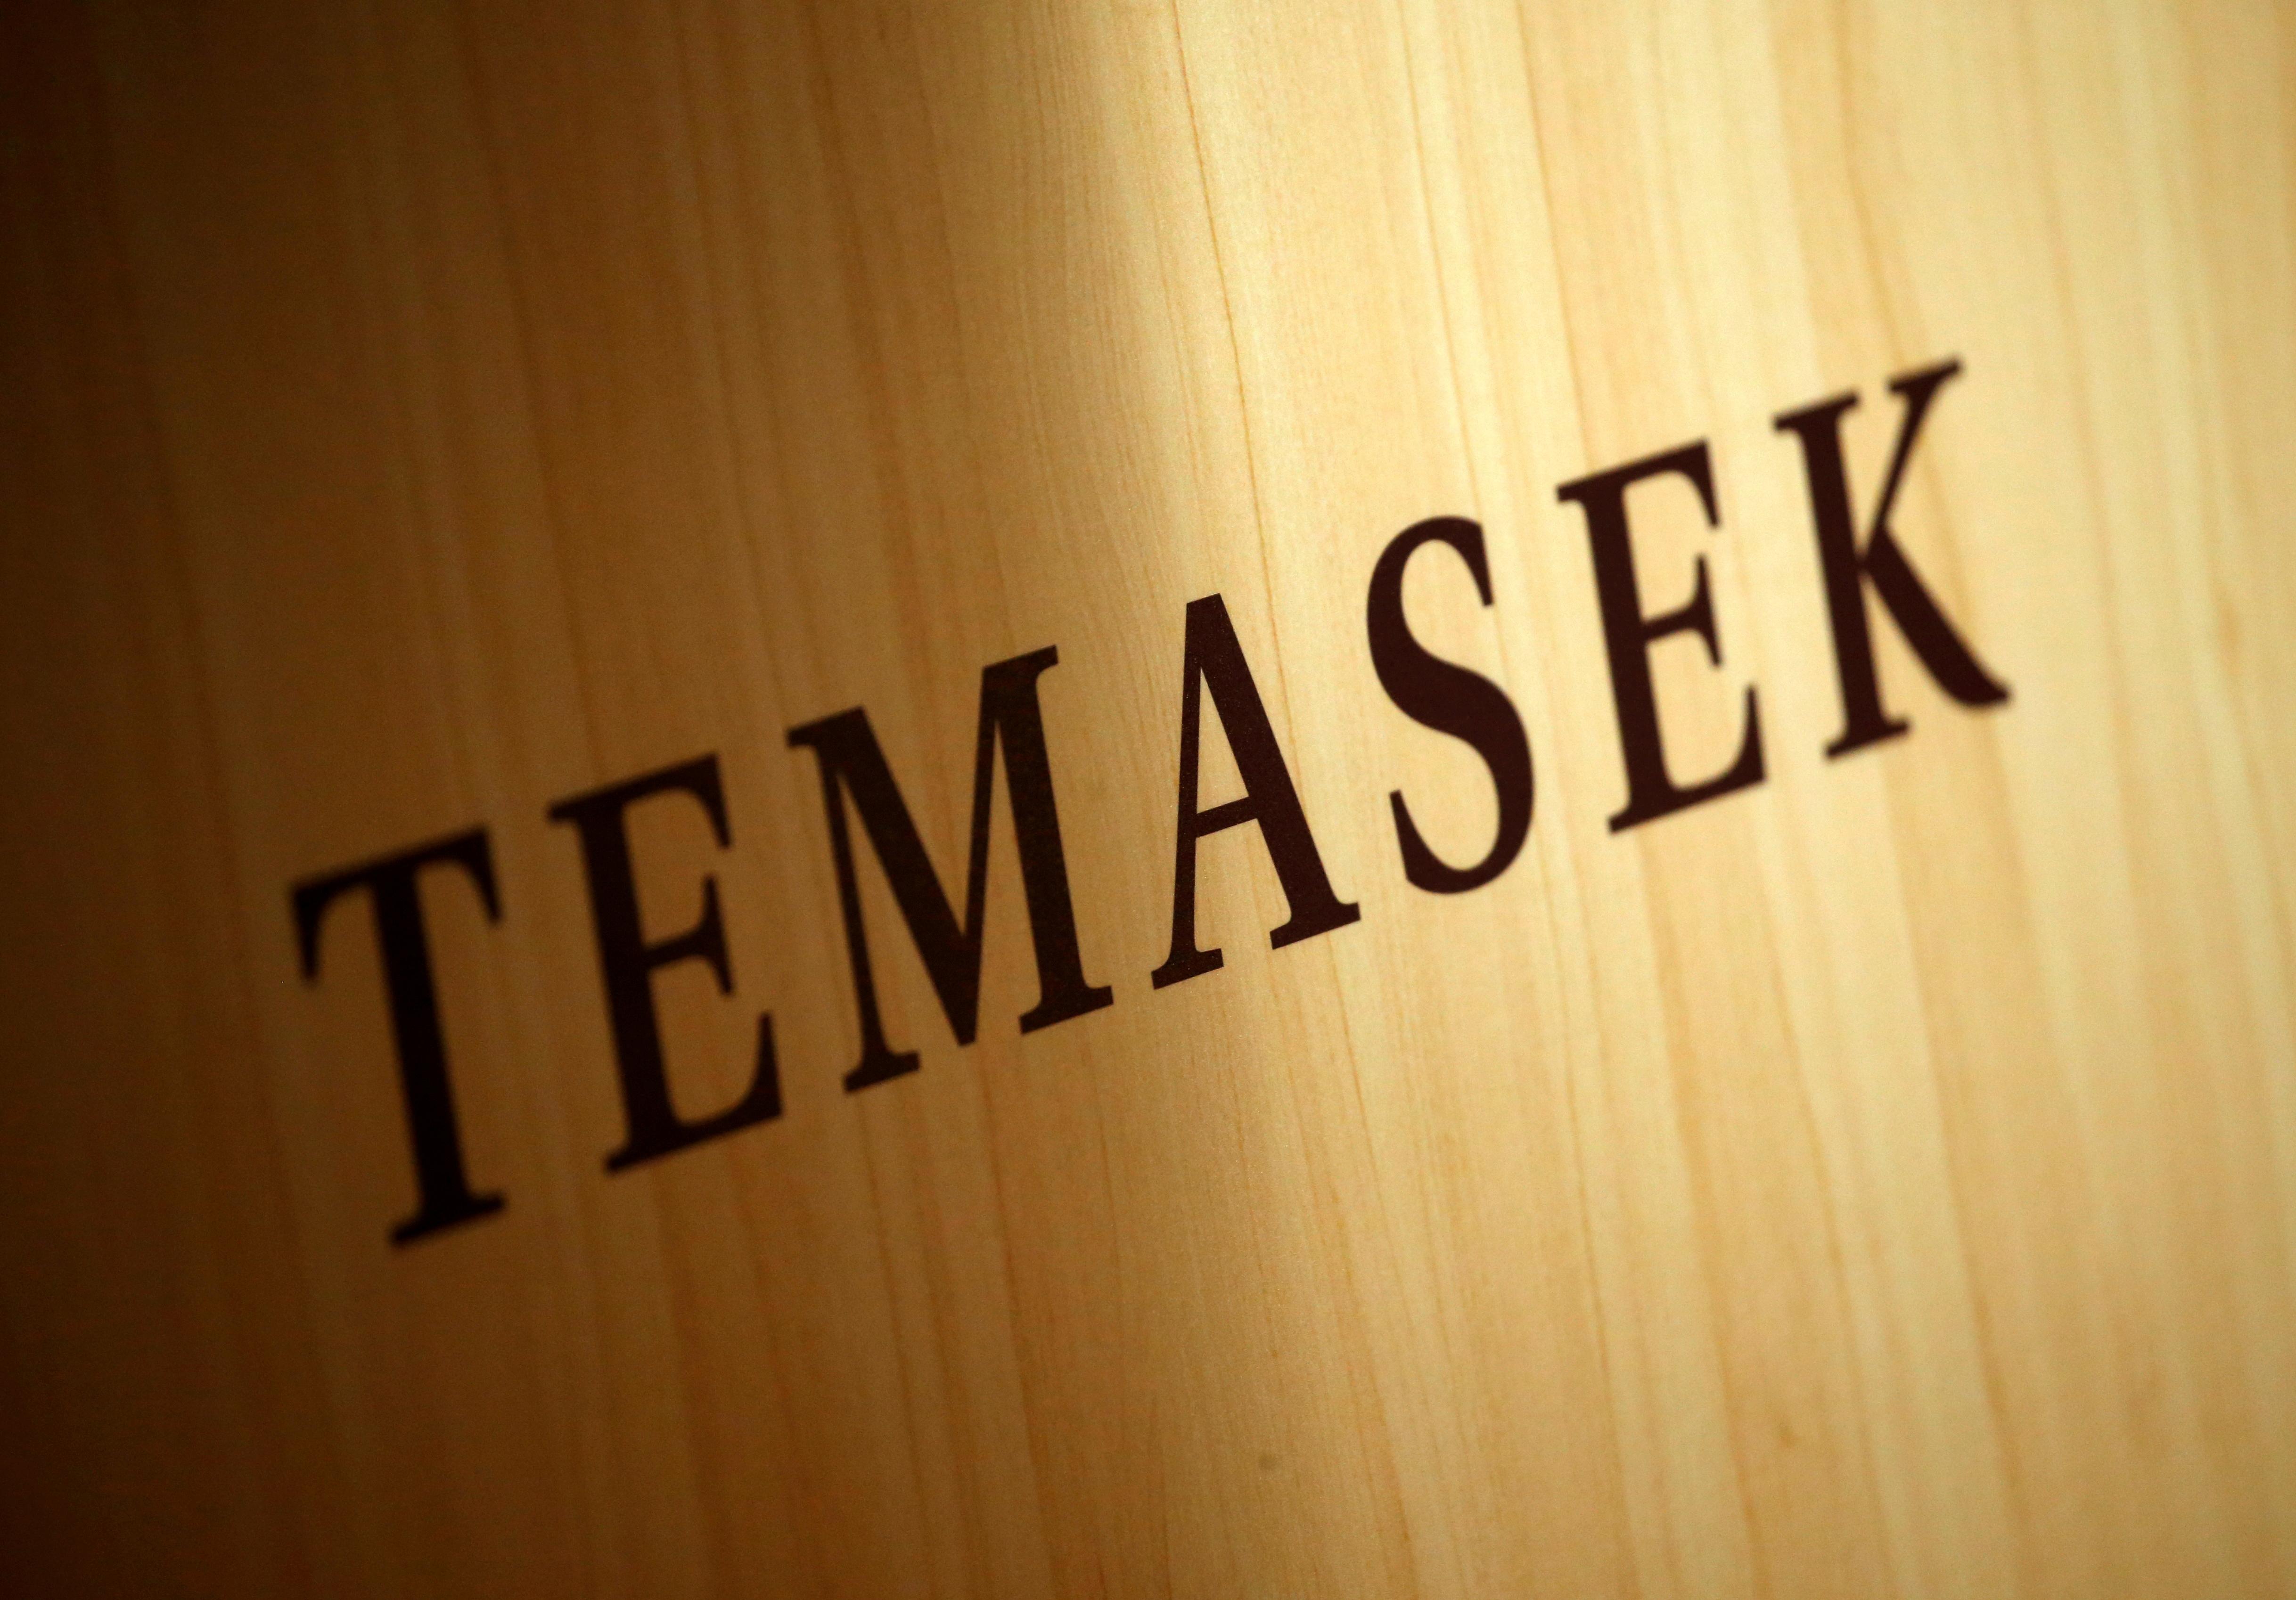 A Temasek logo is seen at the annual Temasek Review in Singapore July 7, 2016. REUTERS/Edgar Su/File Photo